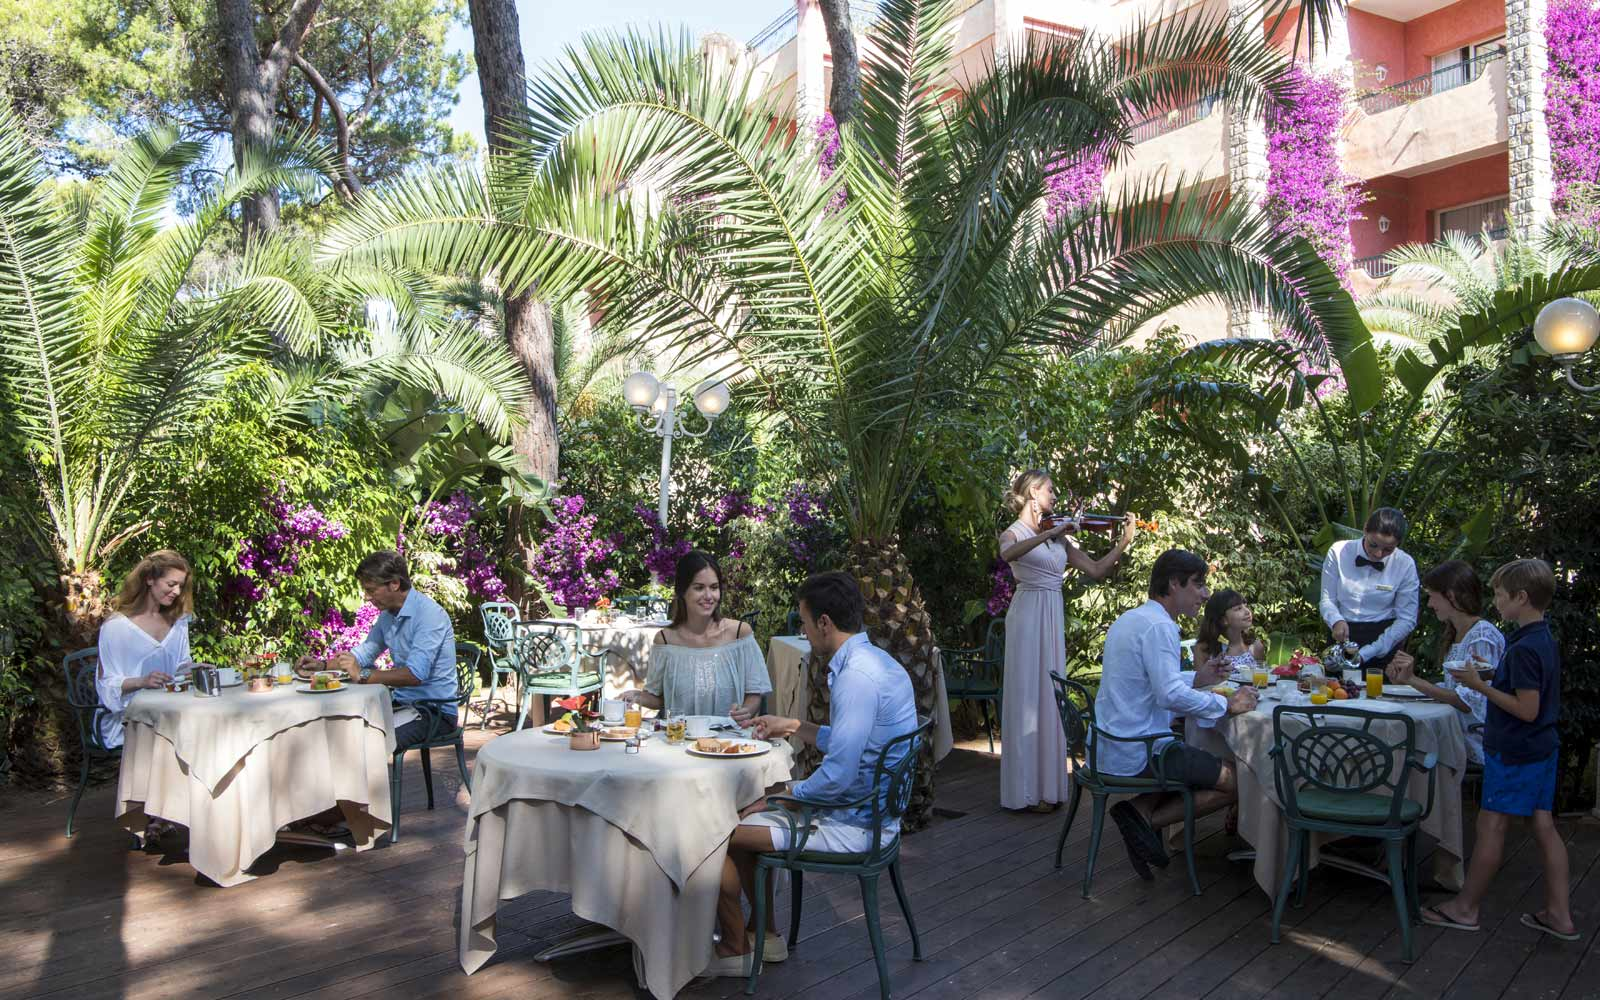 Cavalieri Restaurant at Hotel Castello at Forte Village